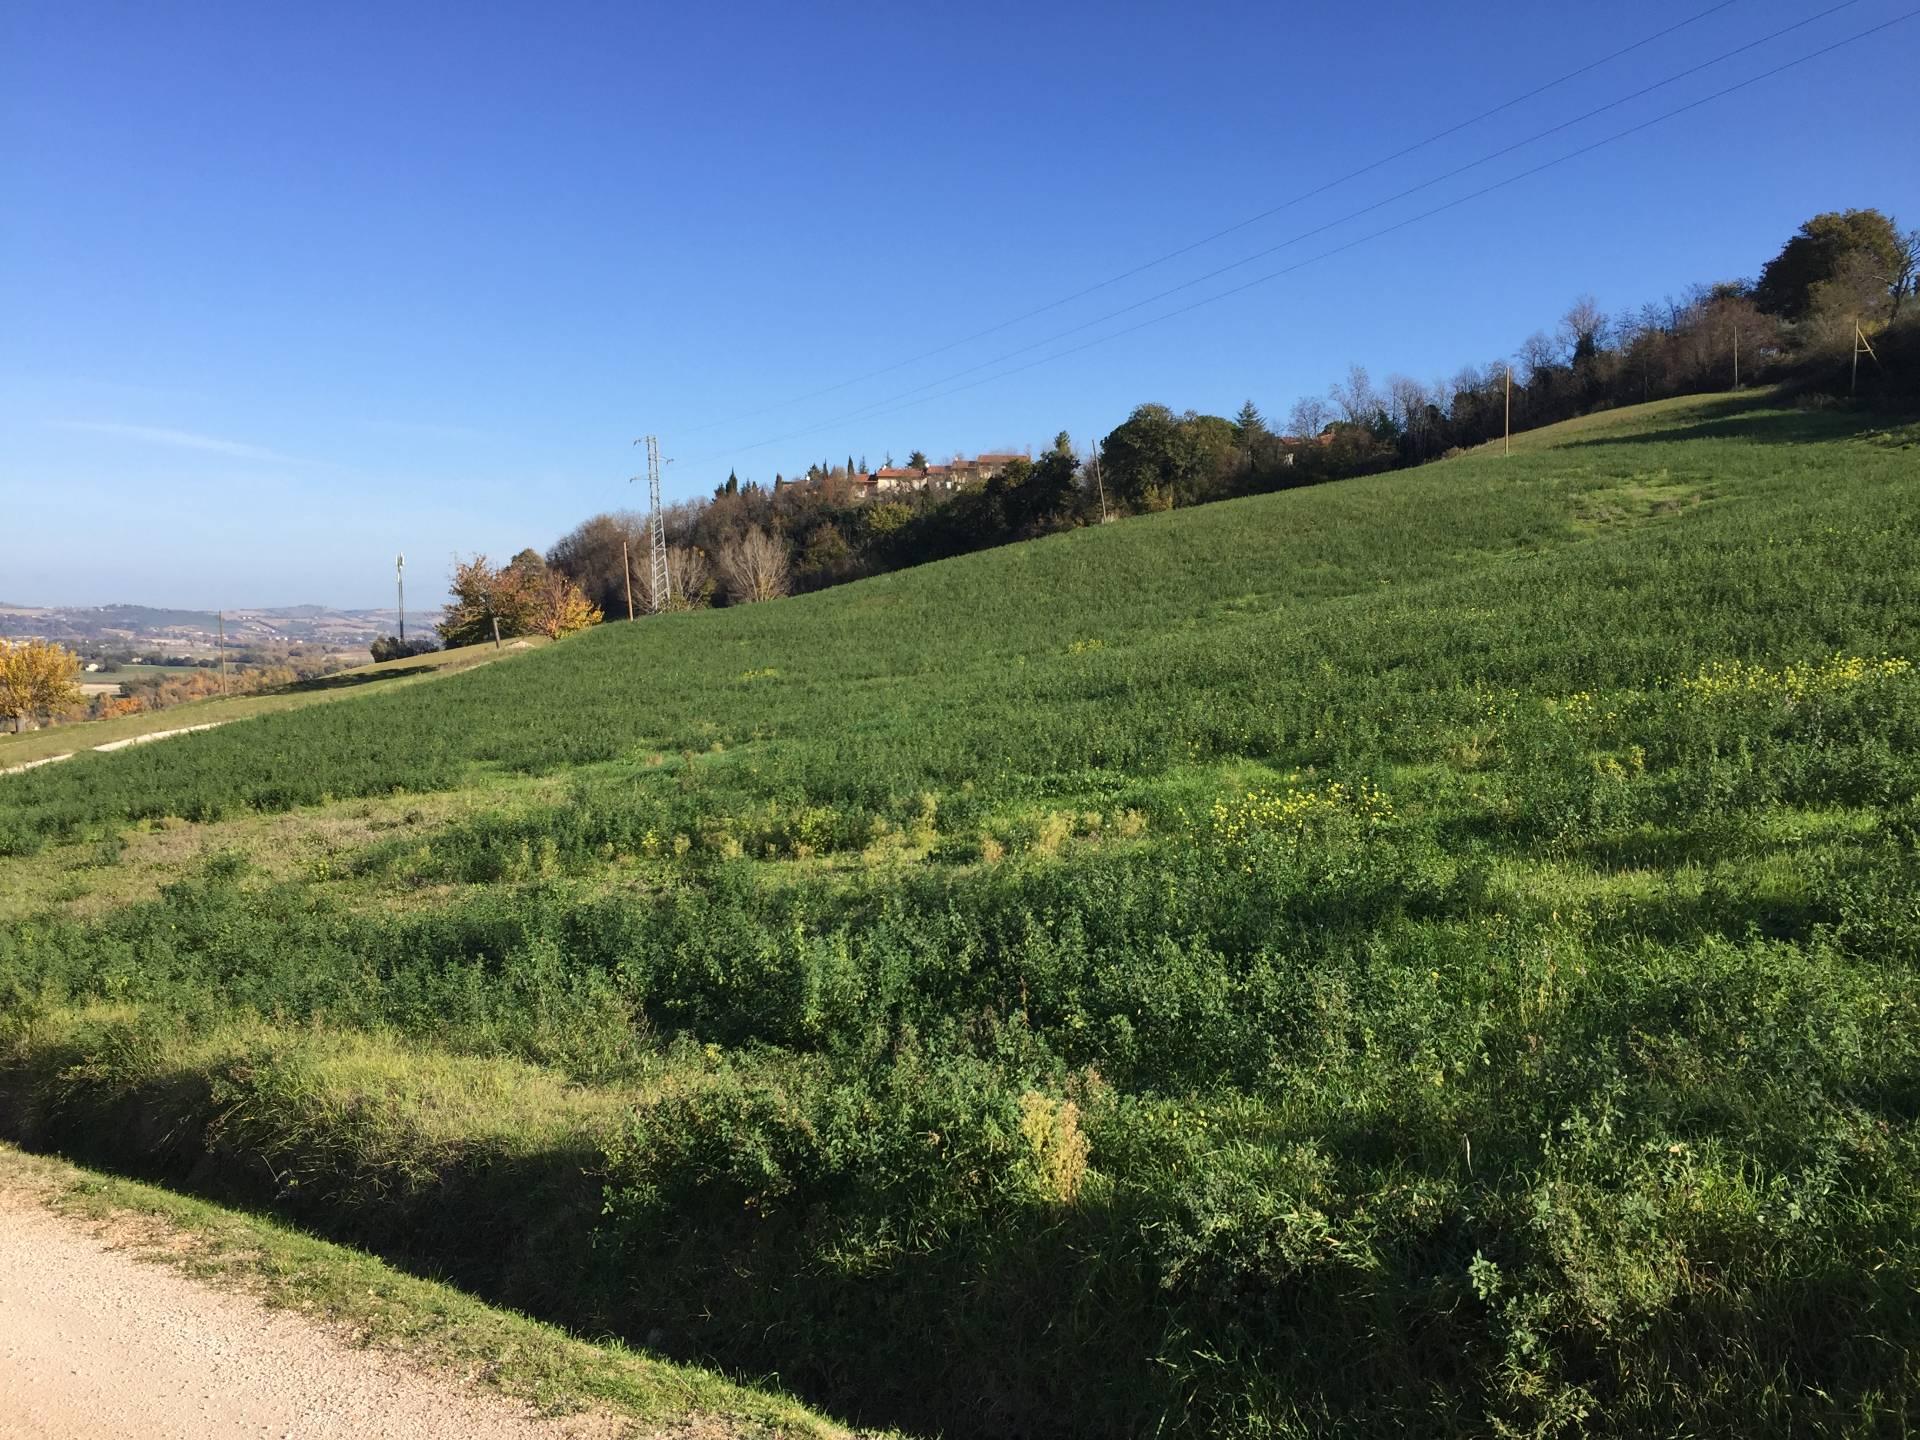 Terreno Agricolo in vendita a Castelleone di Suasa, 9999 locali, Trattative riservate | CambioCasa.it